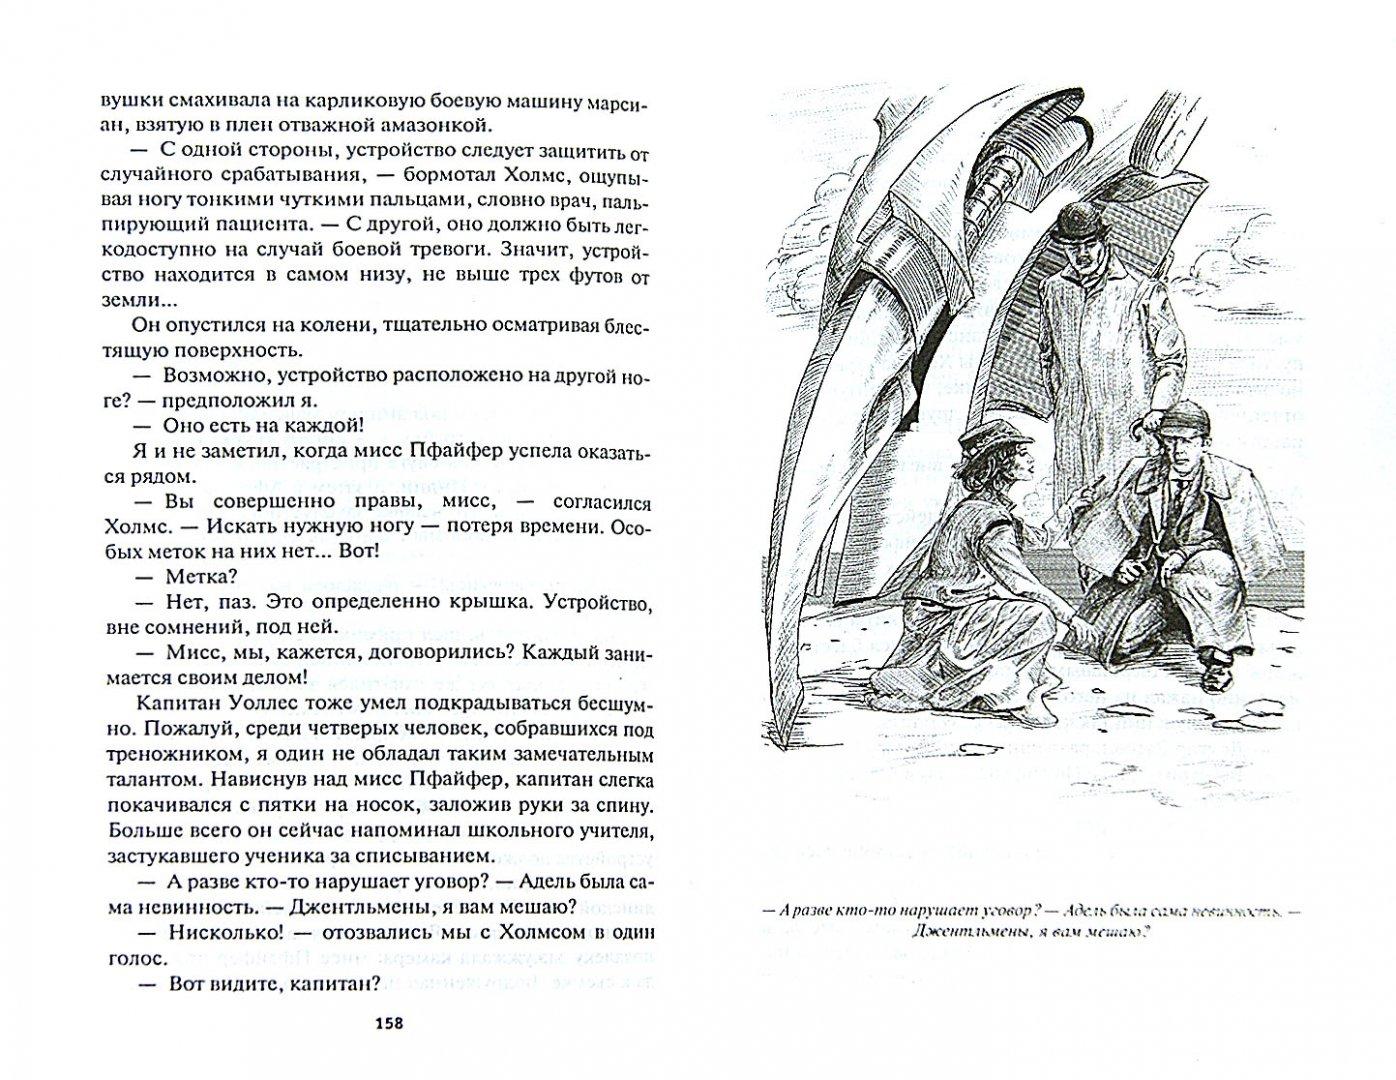 Иллюстрация 1 из 5 для Шерлок Холмс против марсиан - Генри Олди | Лабиринт - книги. Источник: Лабиринт